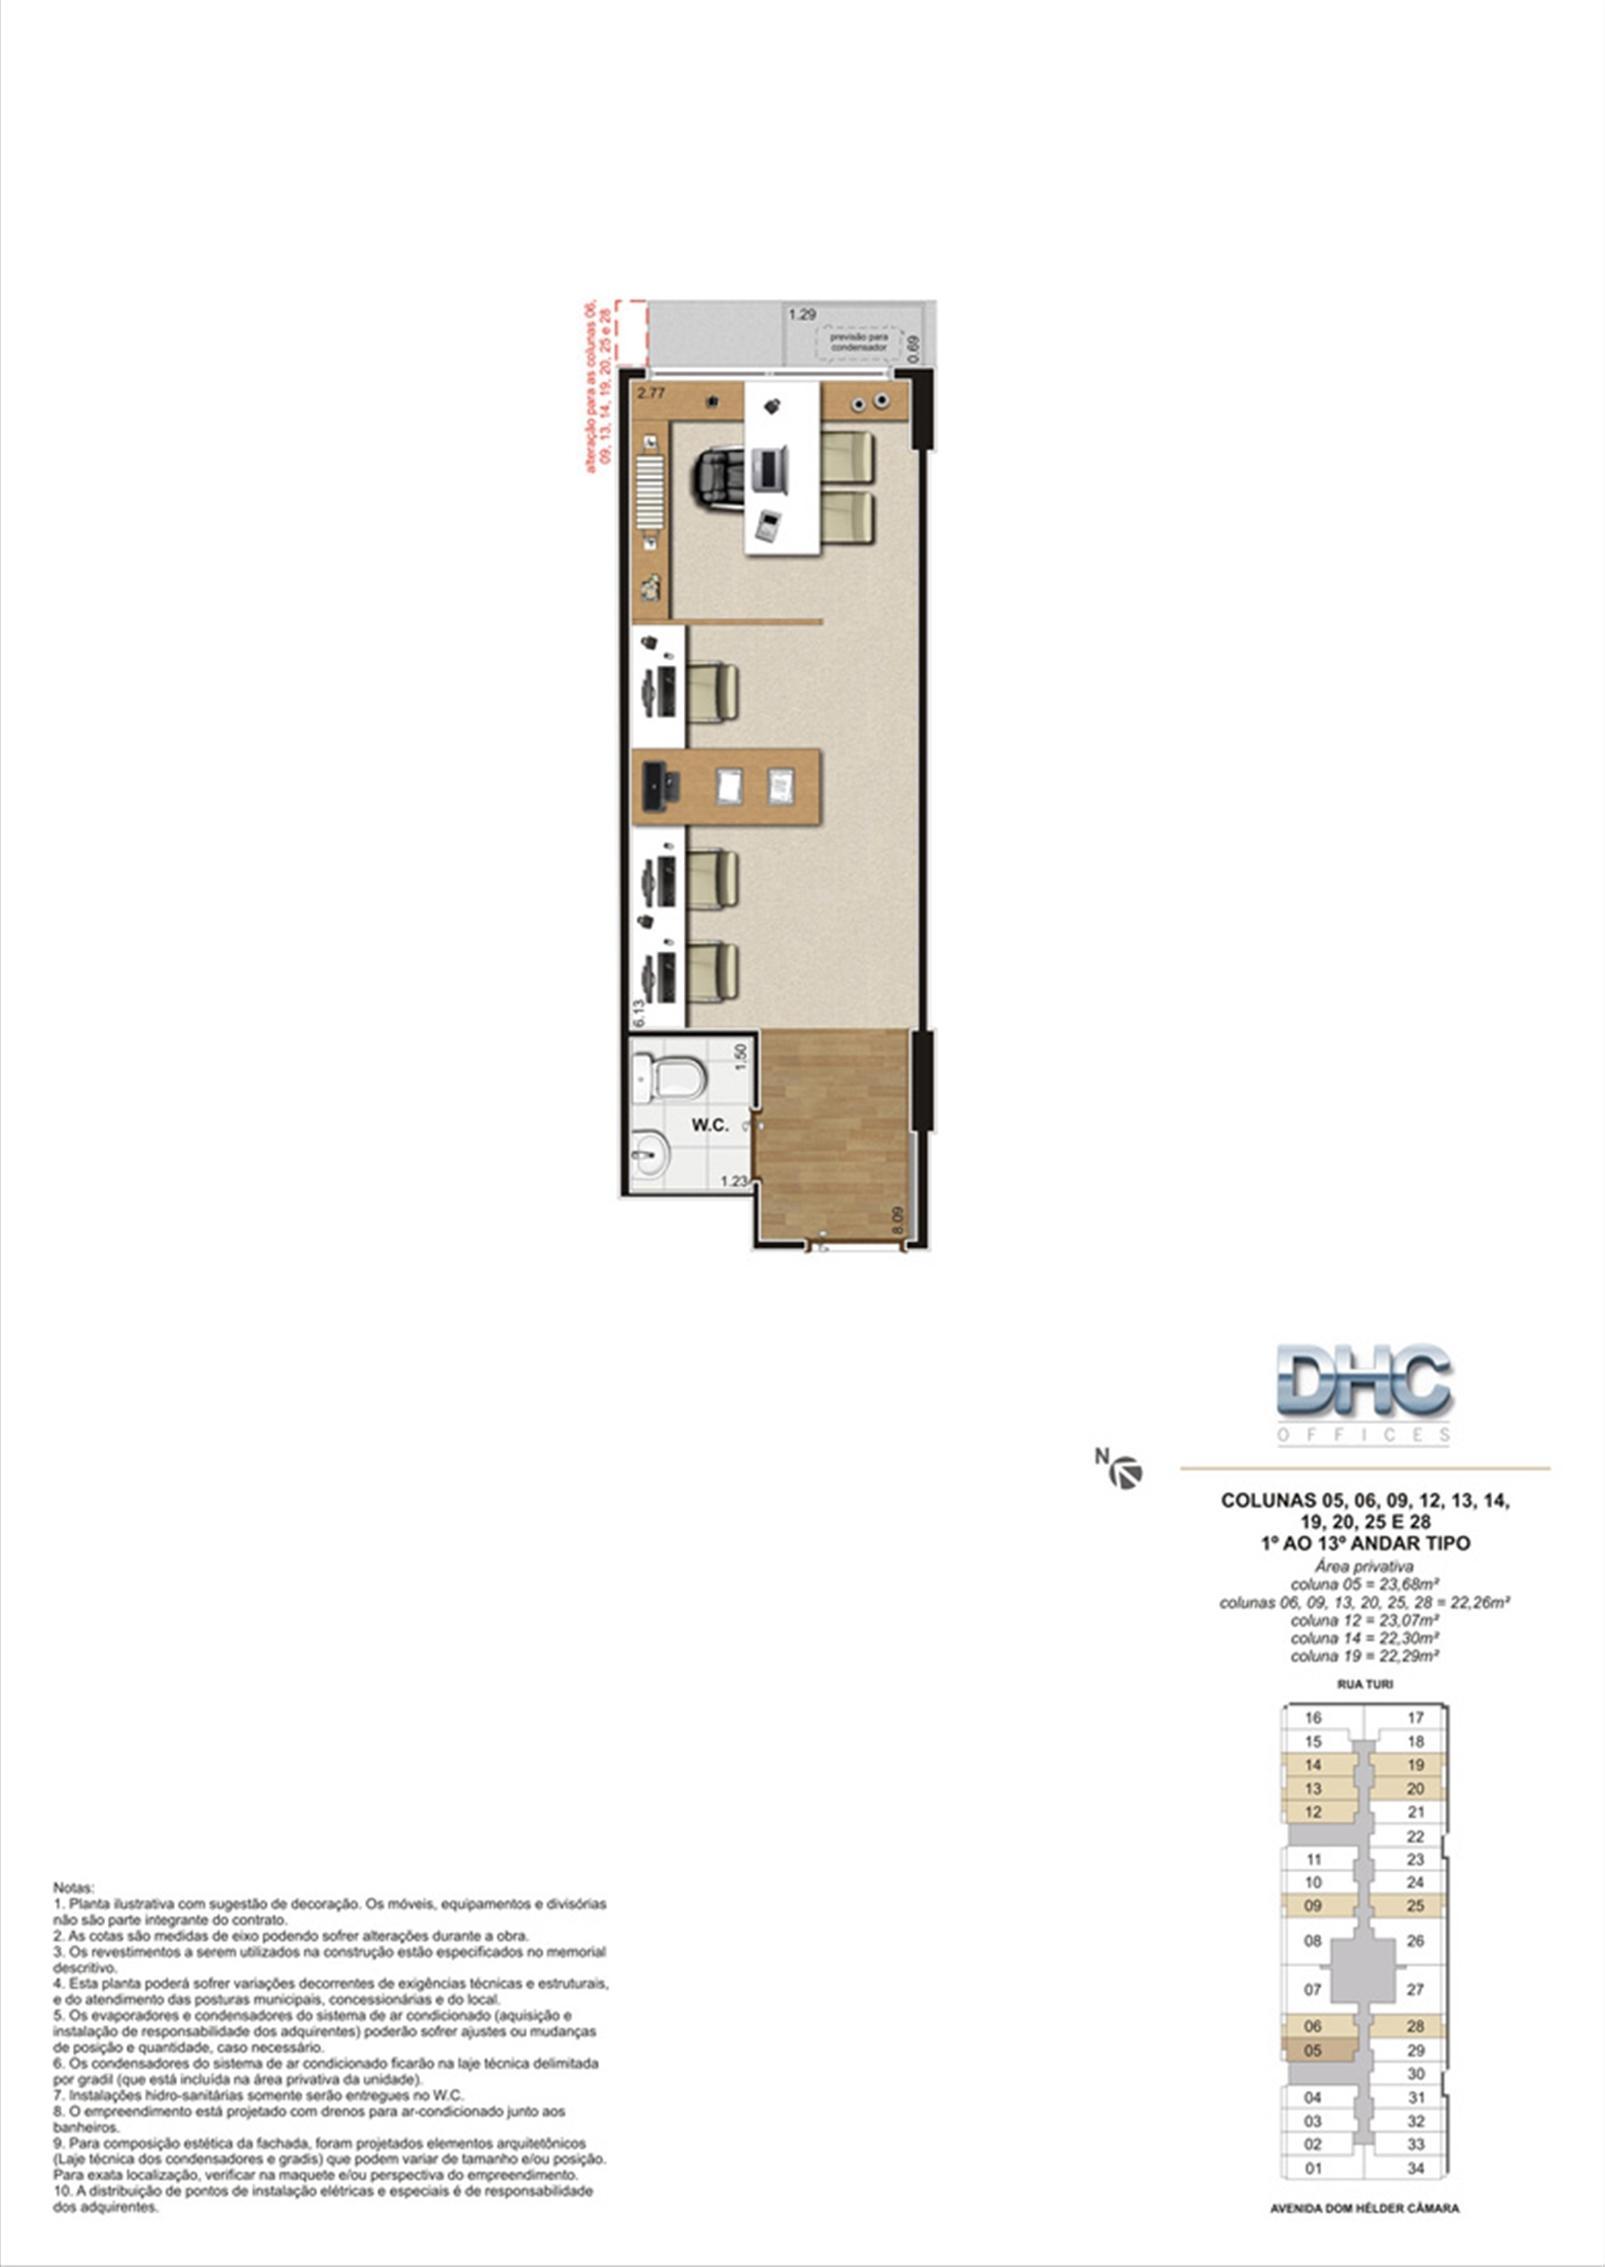 Colunas 05, 06, 09, 12, 13, 14, 19, 20, 25 e 28 -1° ao 13º andar tipo | DHC Offices – Salas Comerciaisem  Pilares - Rio de Janeiro - Rio de Janeiro